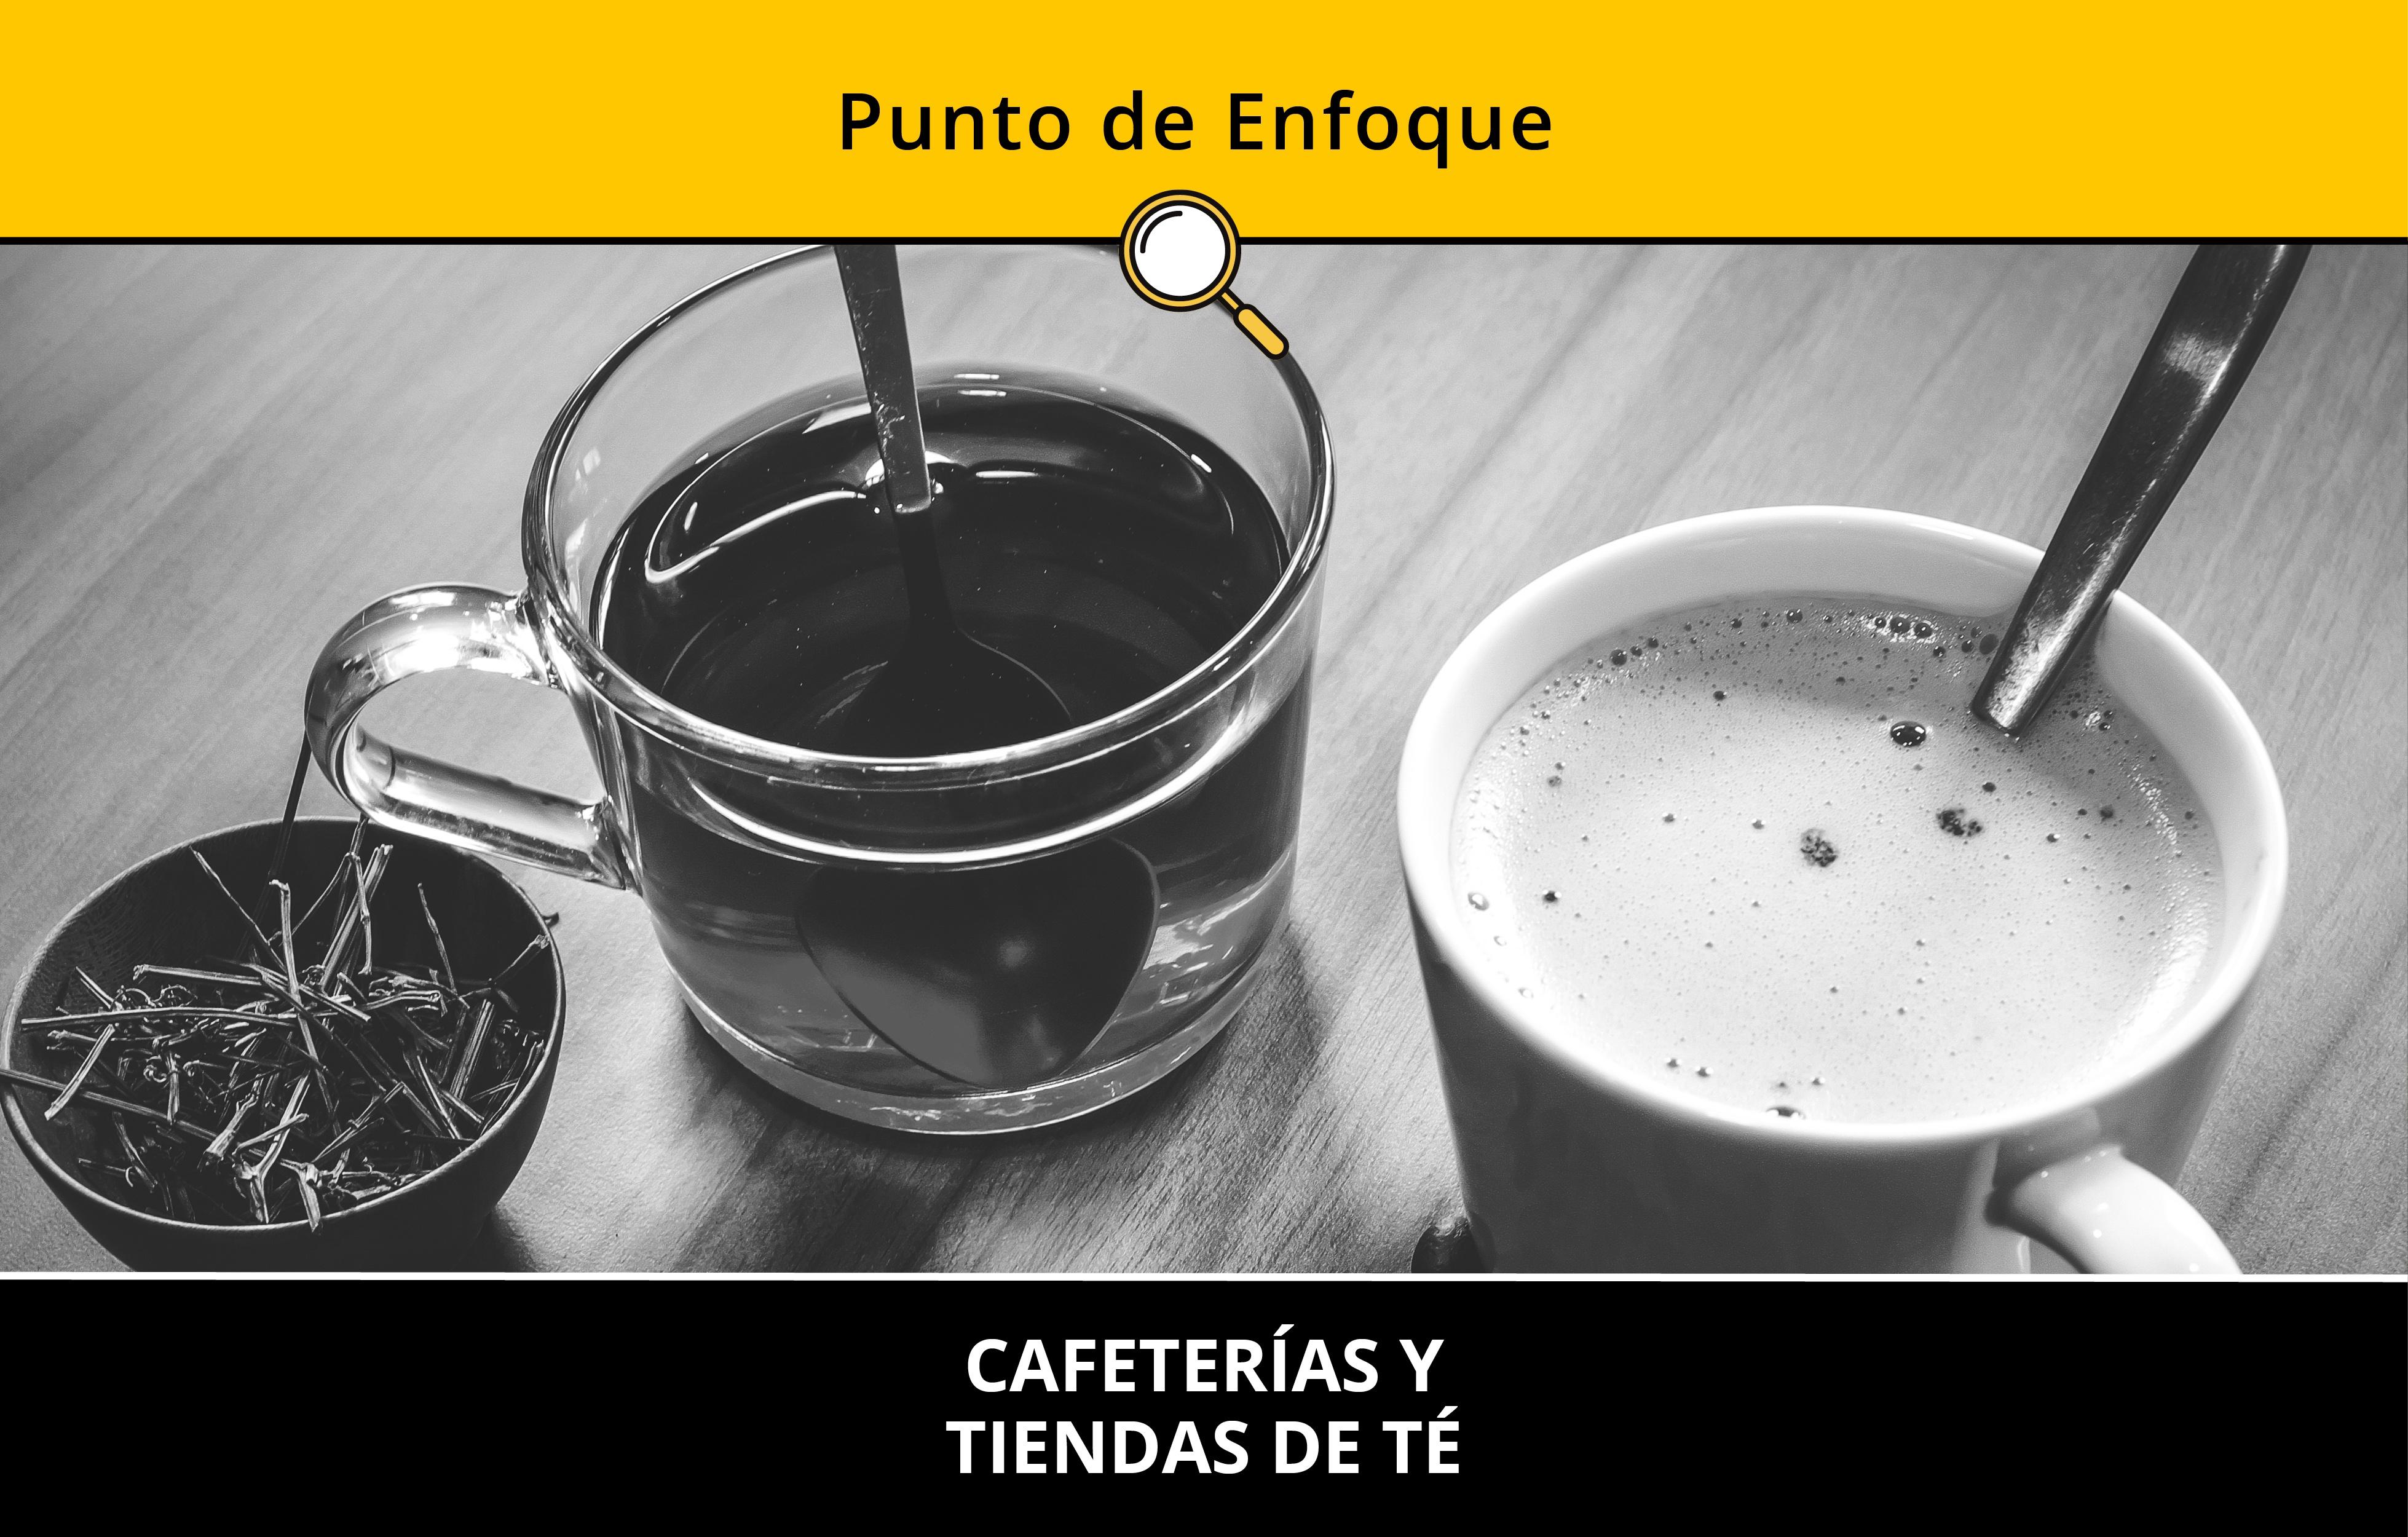 Cafeterías y Tiendas de Té